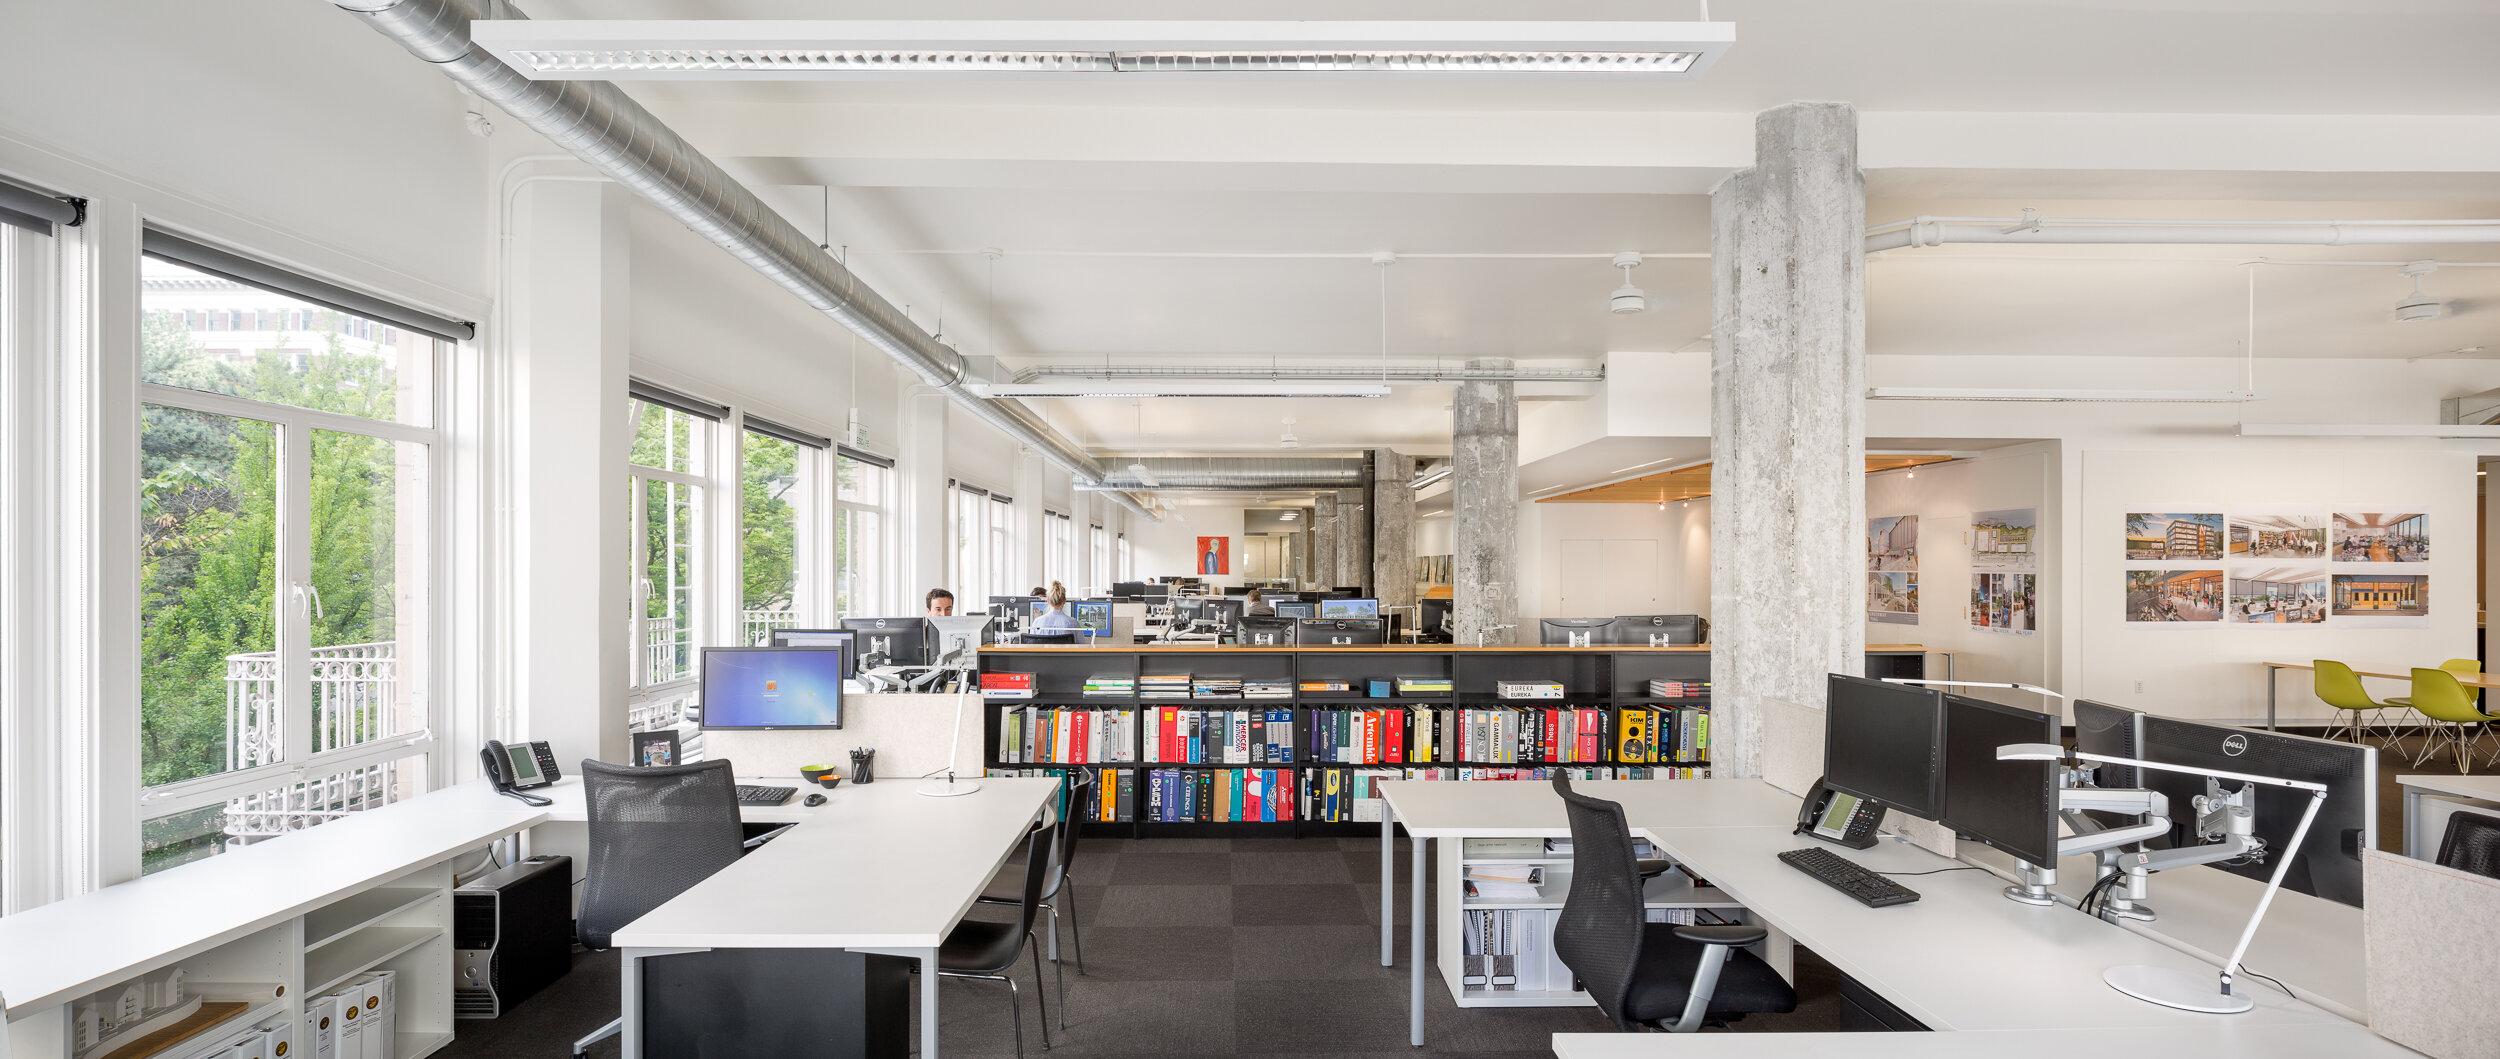 23-HEA-Office-JoshPartee-0946-south-wide.jpg